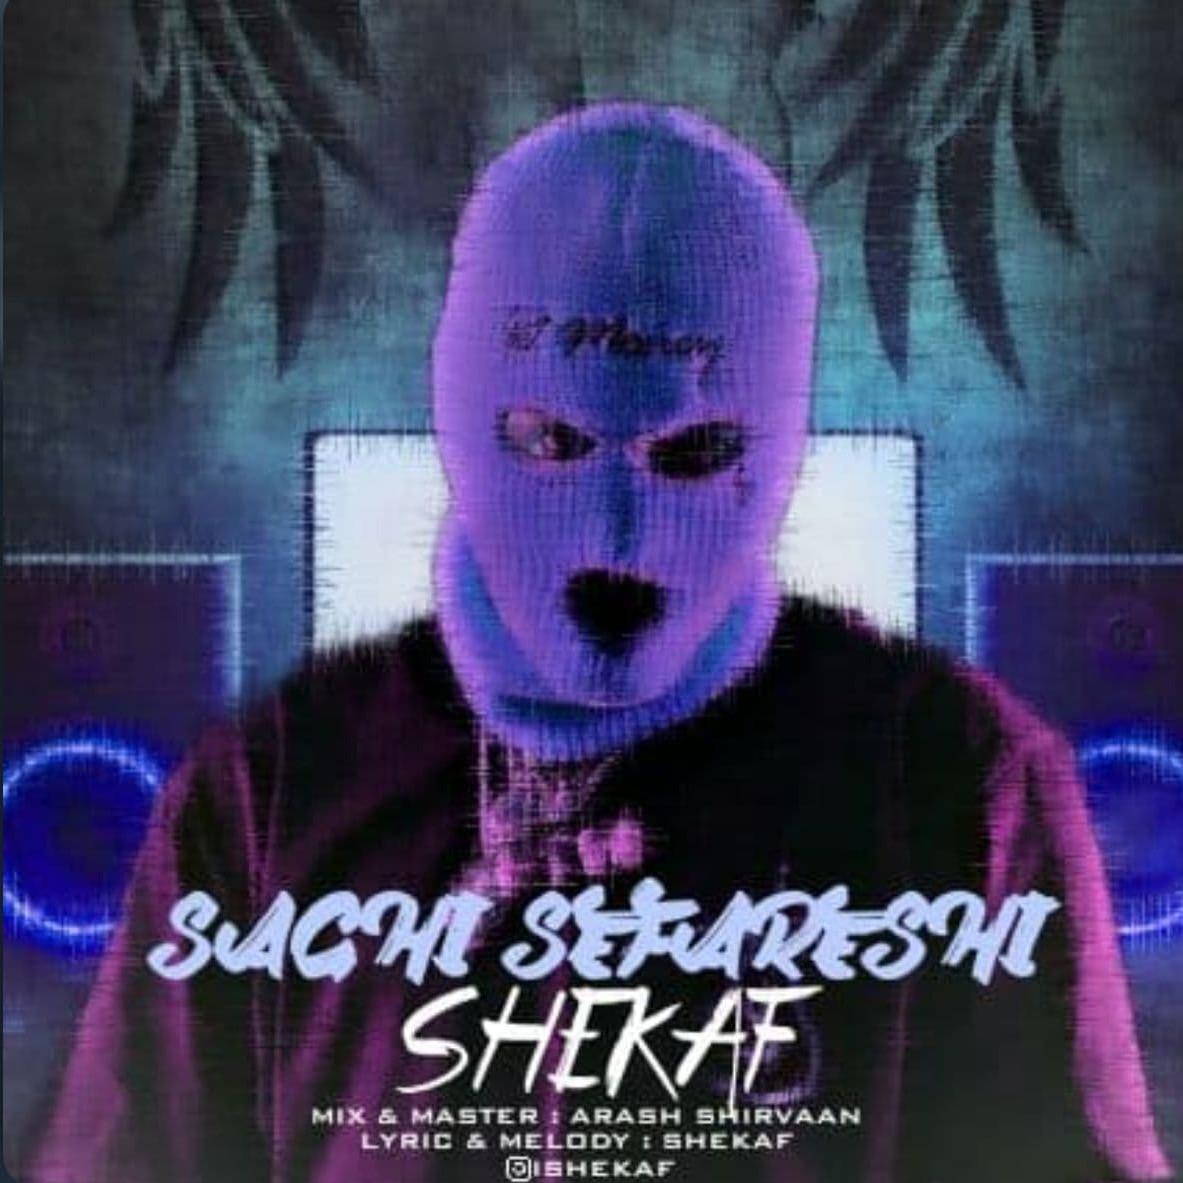 Shekaf - Saghi Sefareshi